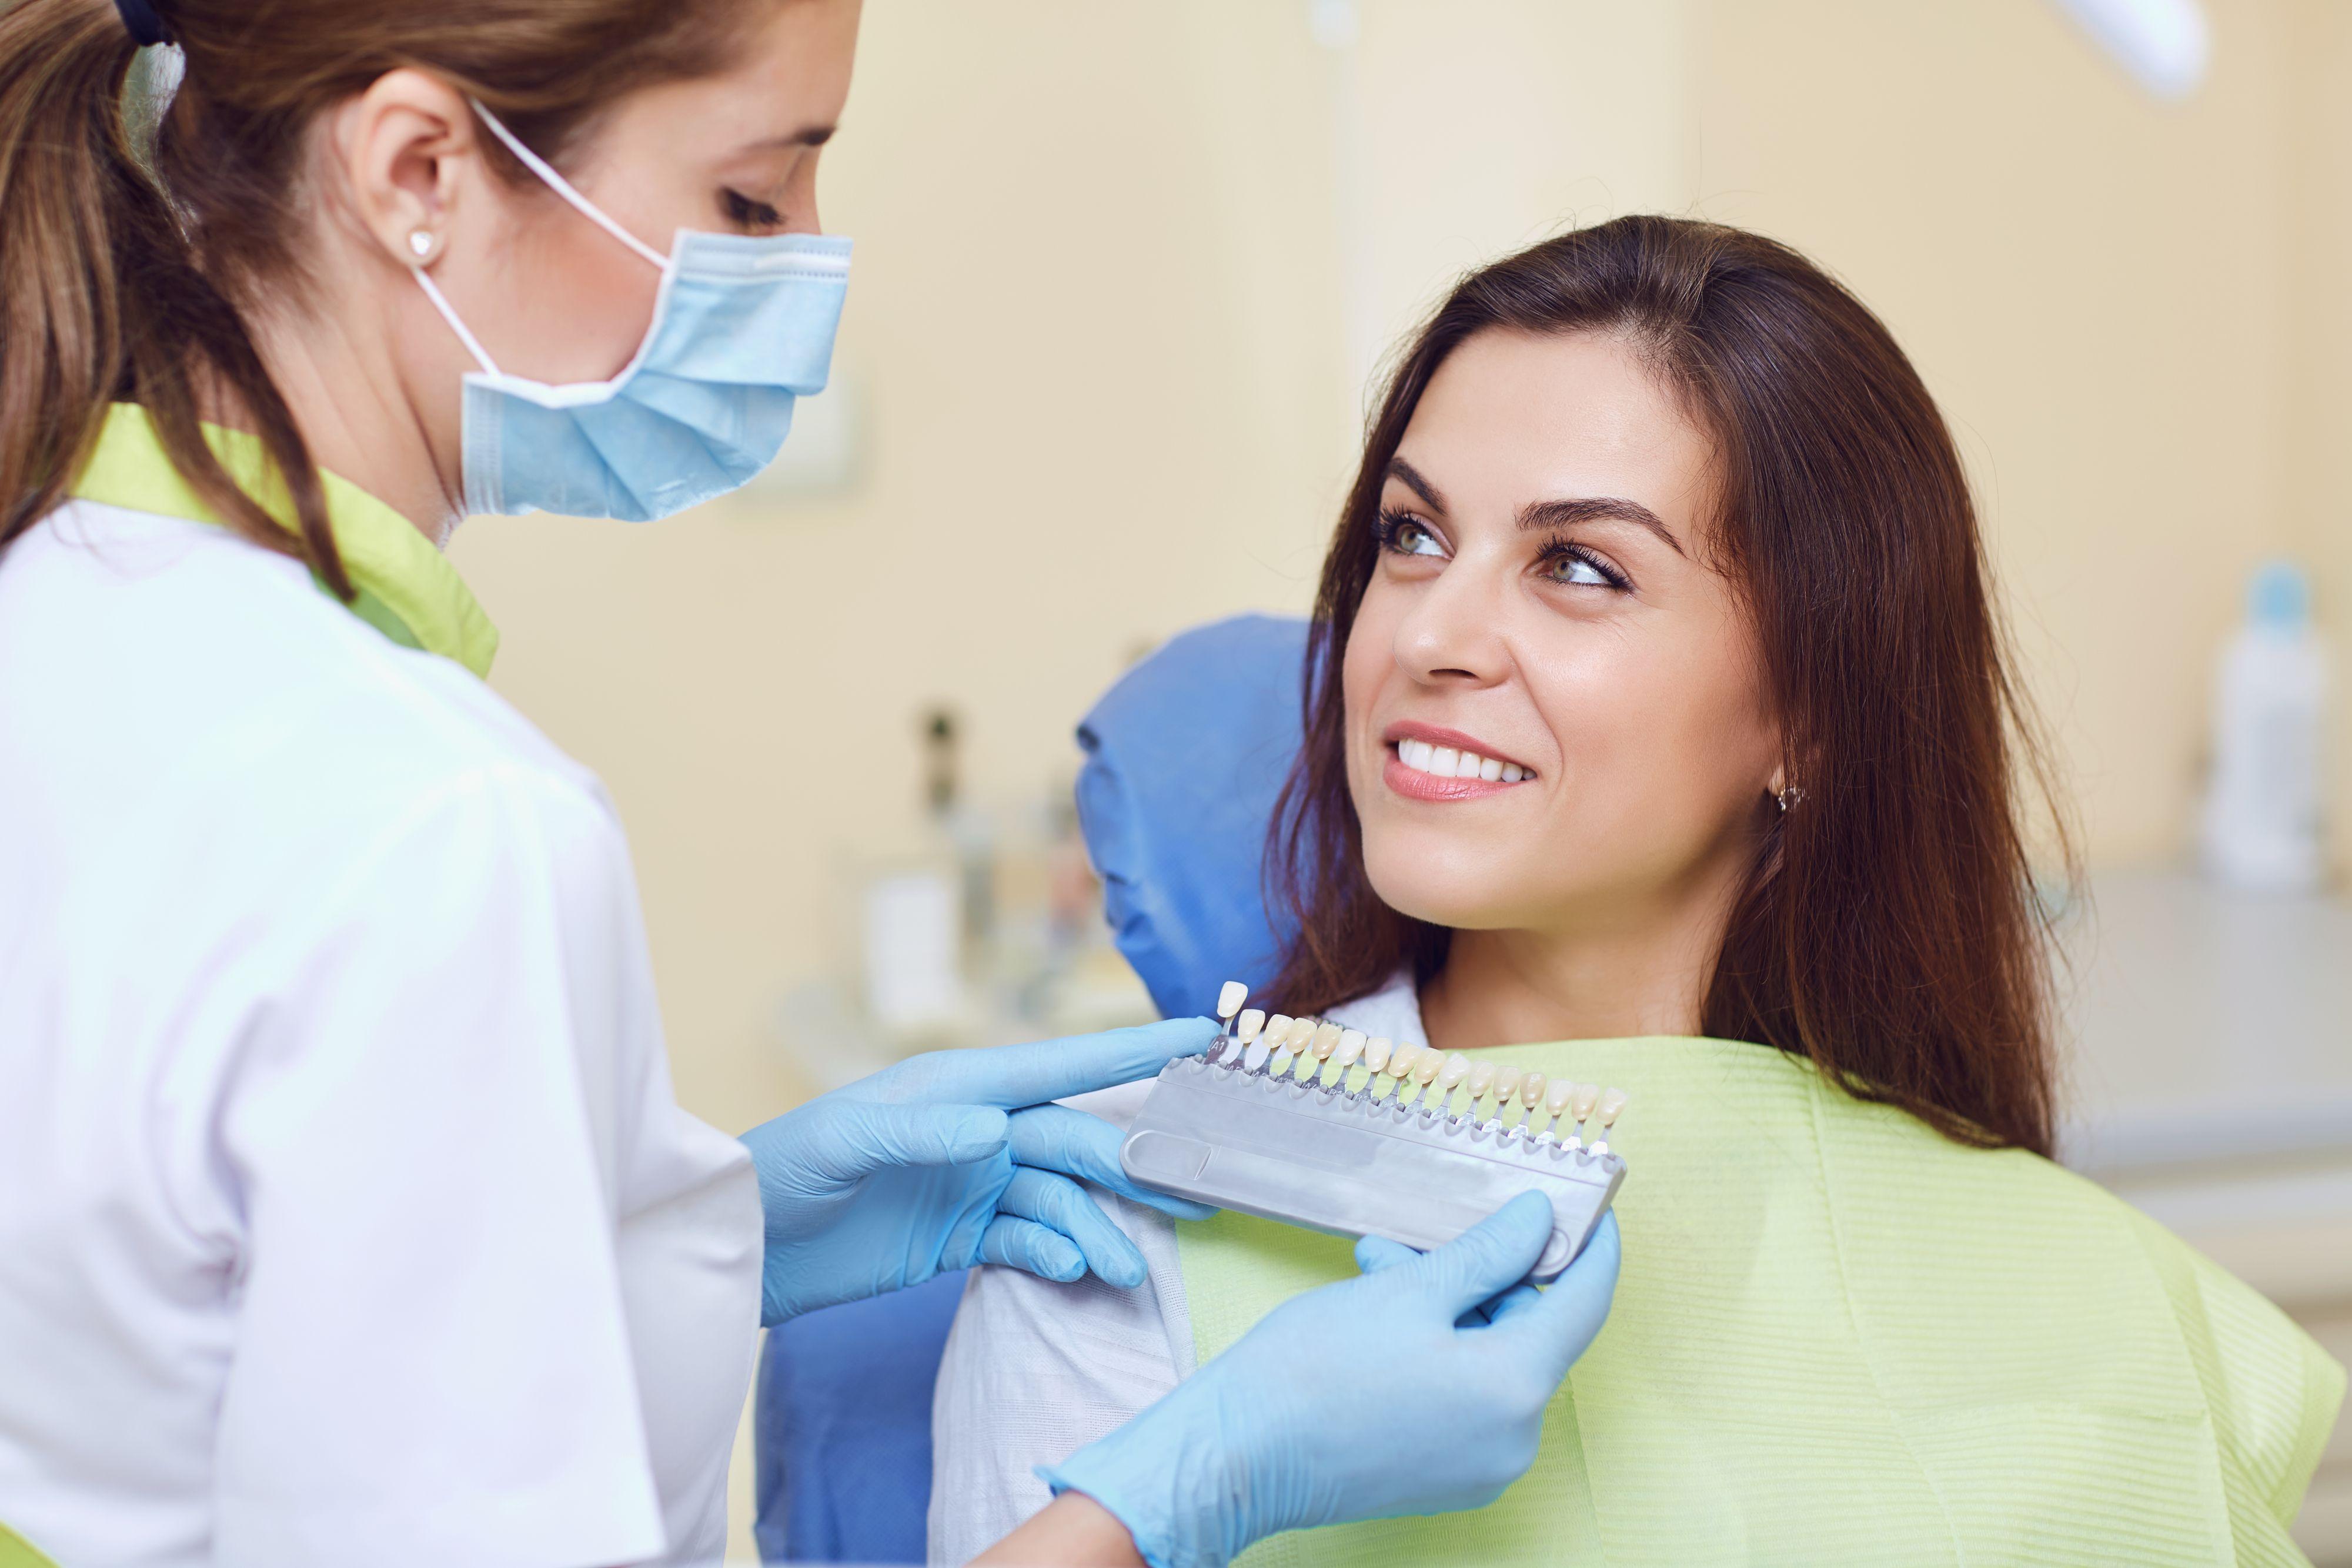 Tanden bleken blijft populair in Nederland